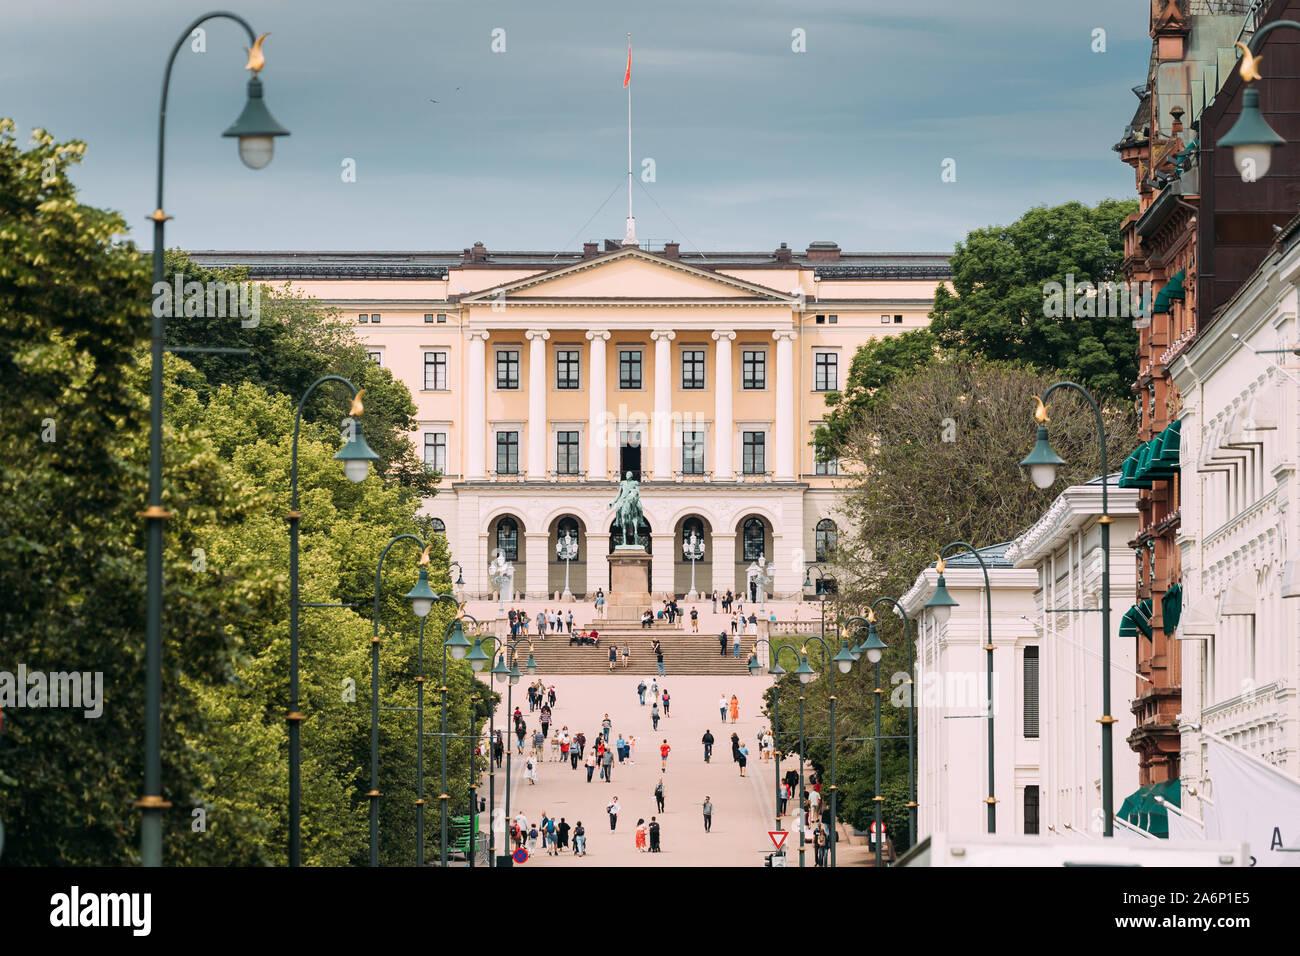 Oslo, Norway - June 24, 2019: People Walking Near Royal Palace (Det Kongelige Slott) In Oslo, The Capital Of Norway. Stock Photo